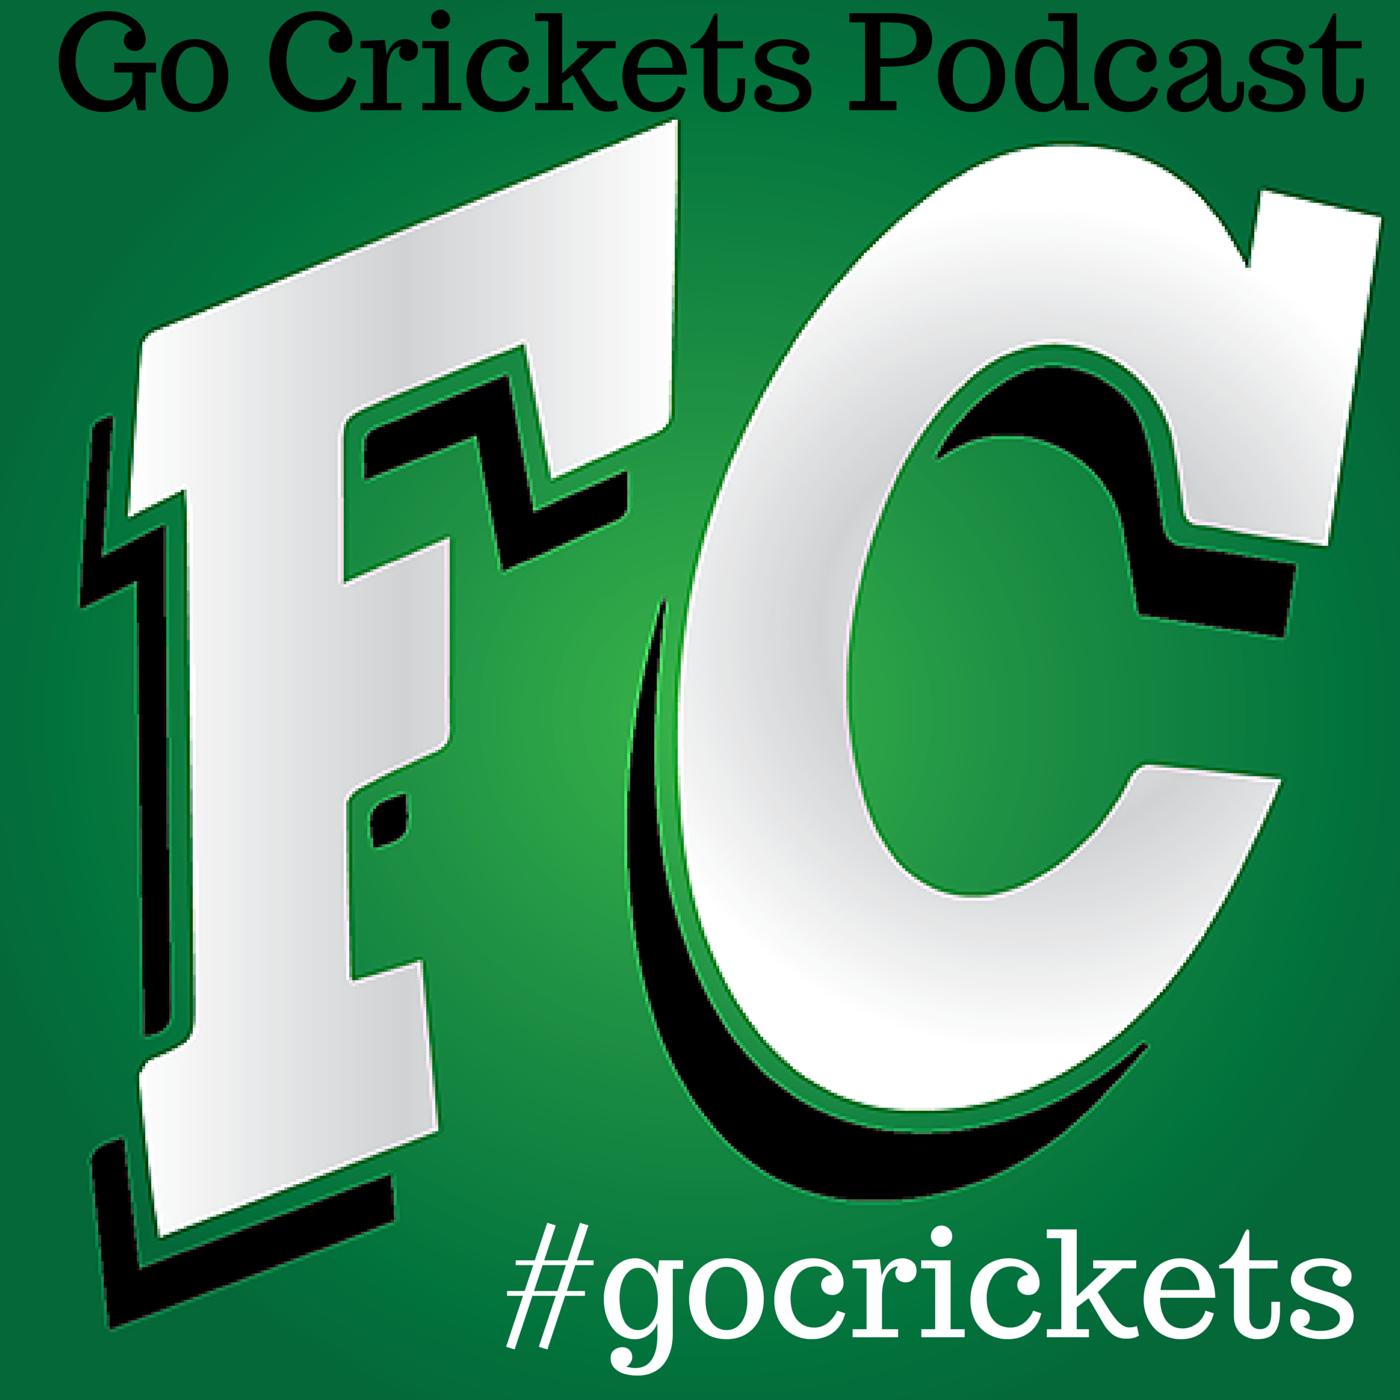 Go Crickets Podcast